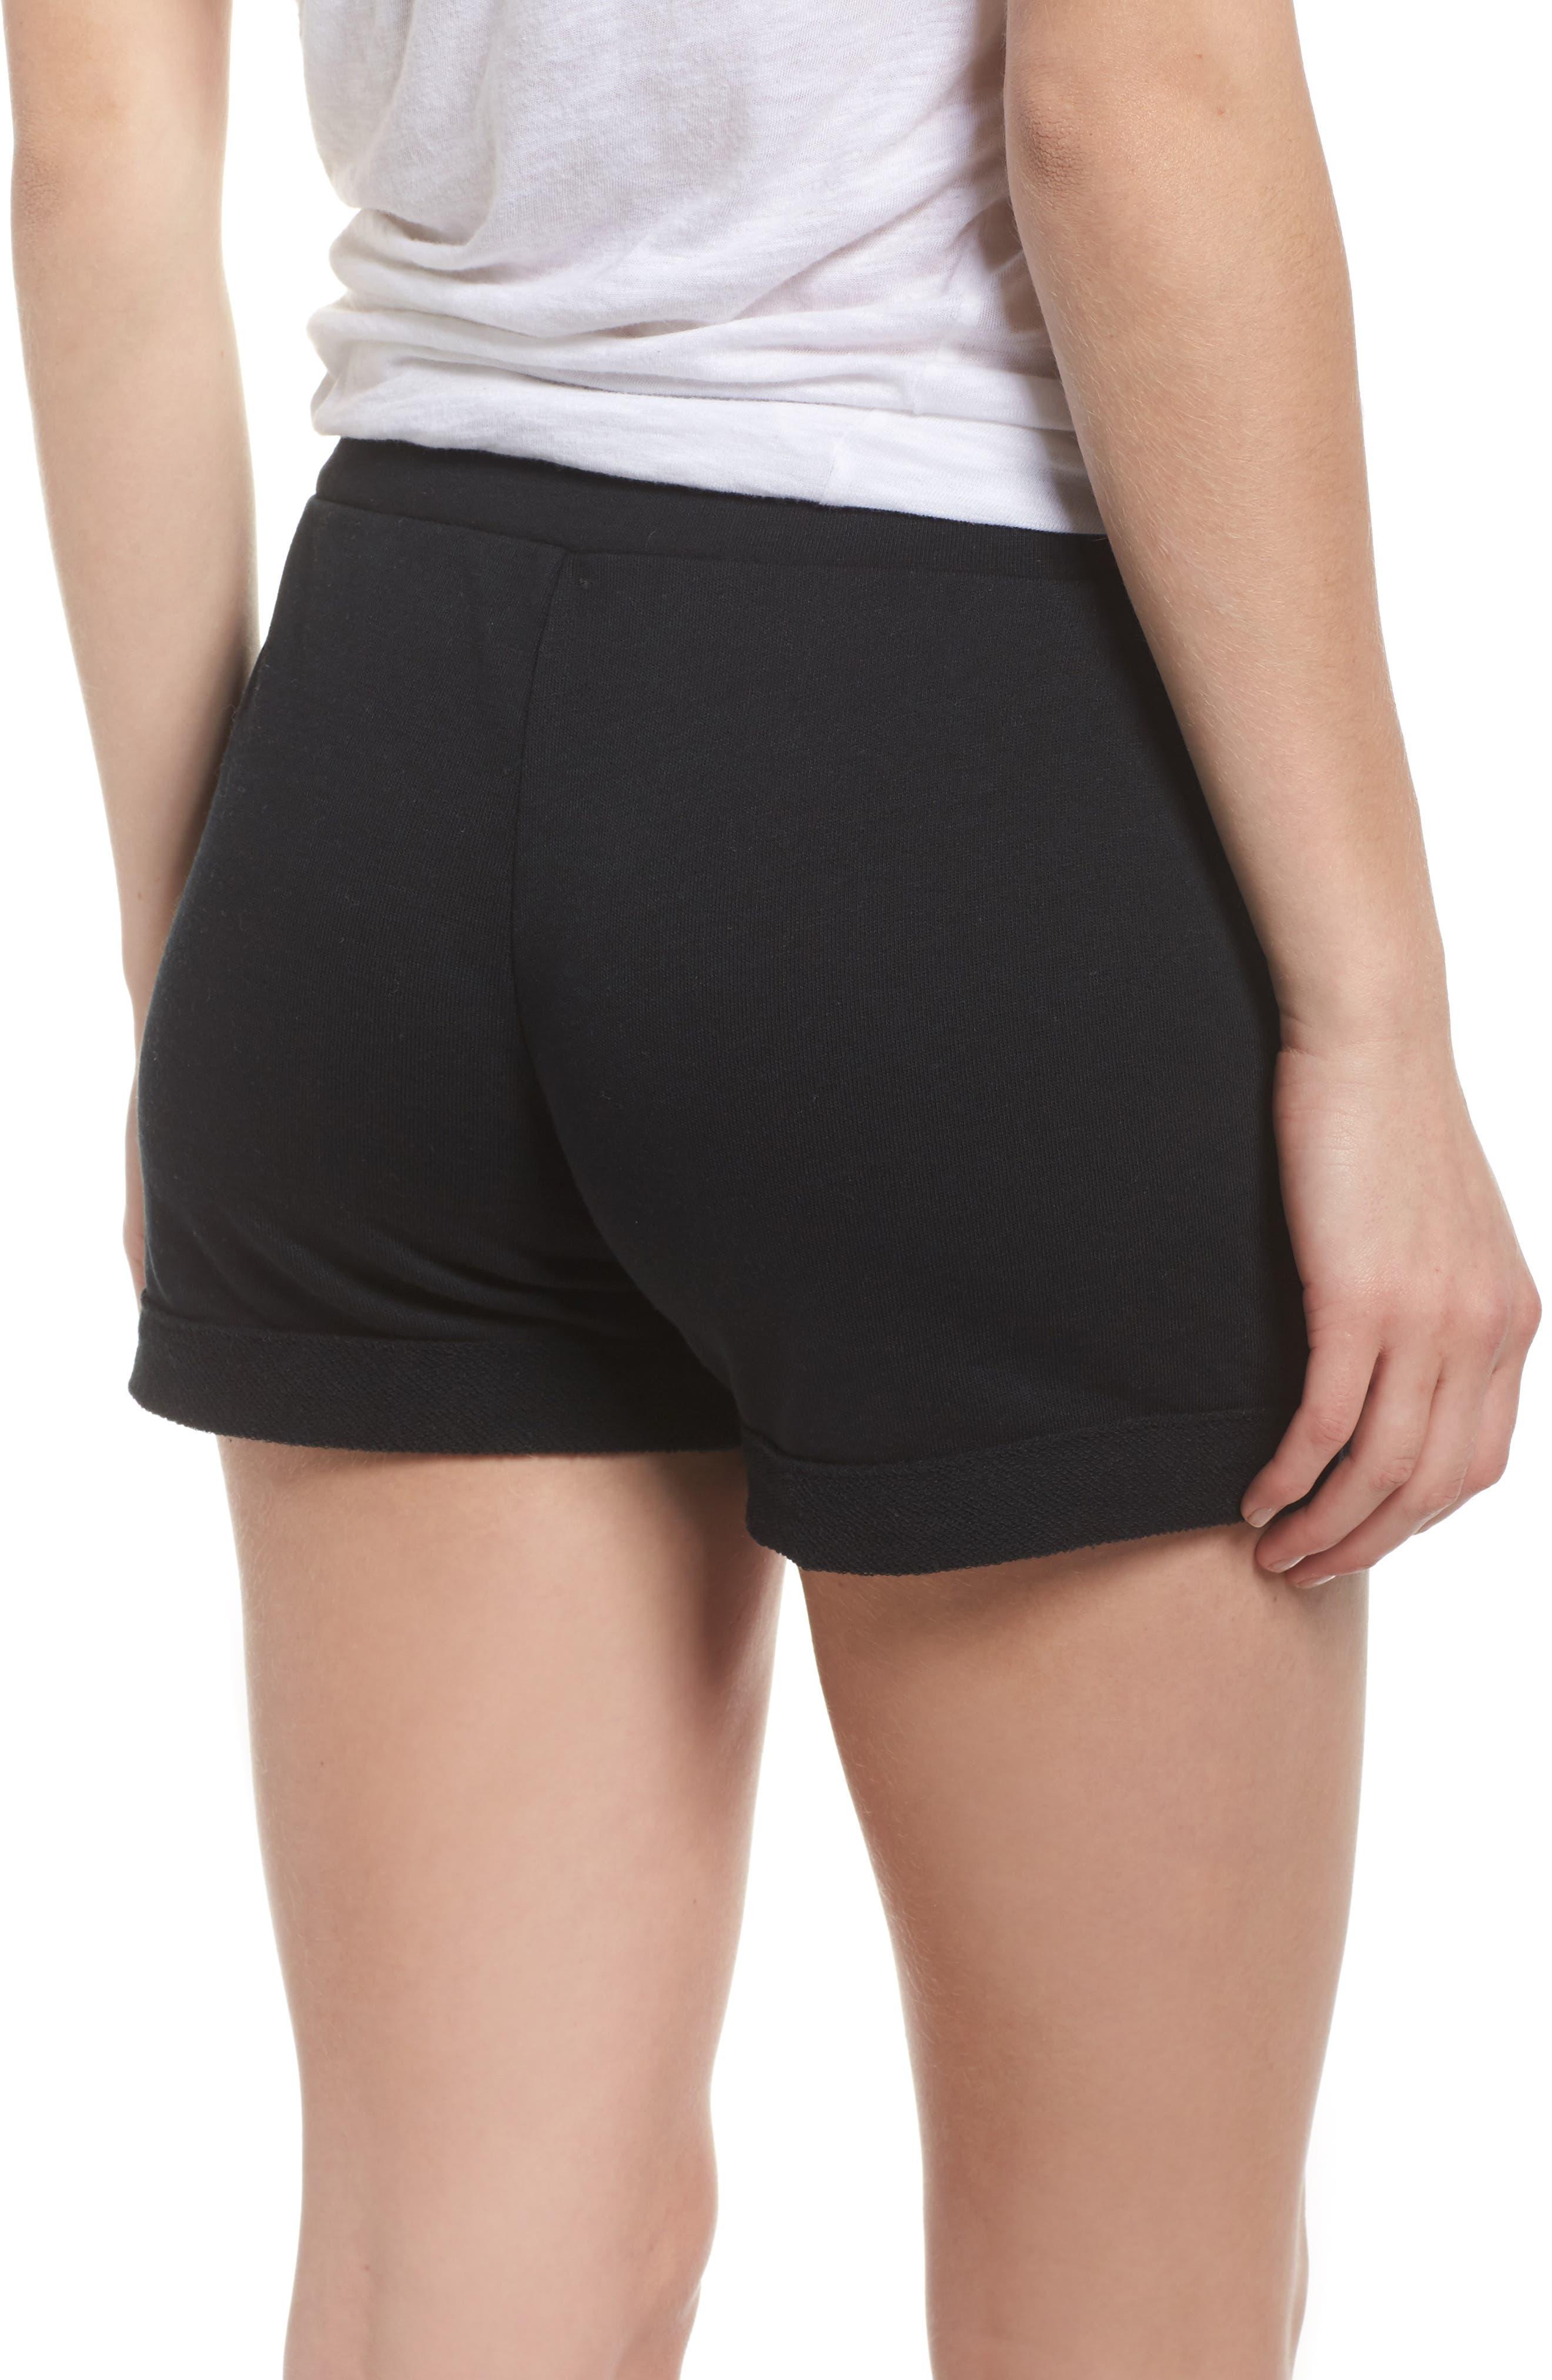 Lounge Shorts,                             Alternate thumbnail 2, color,                             True Black